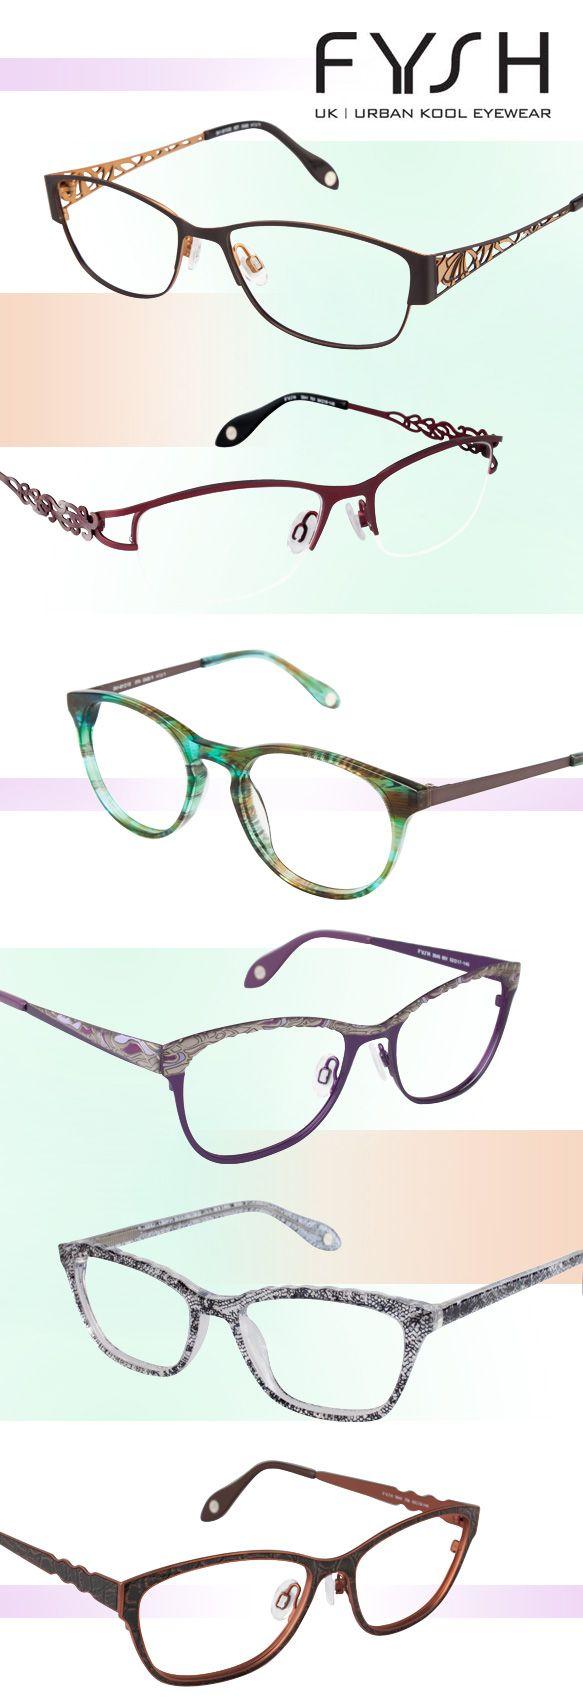 63 best G images on Pinterest | Sunglasses, Eye glasses and Eyeglasses